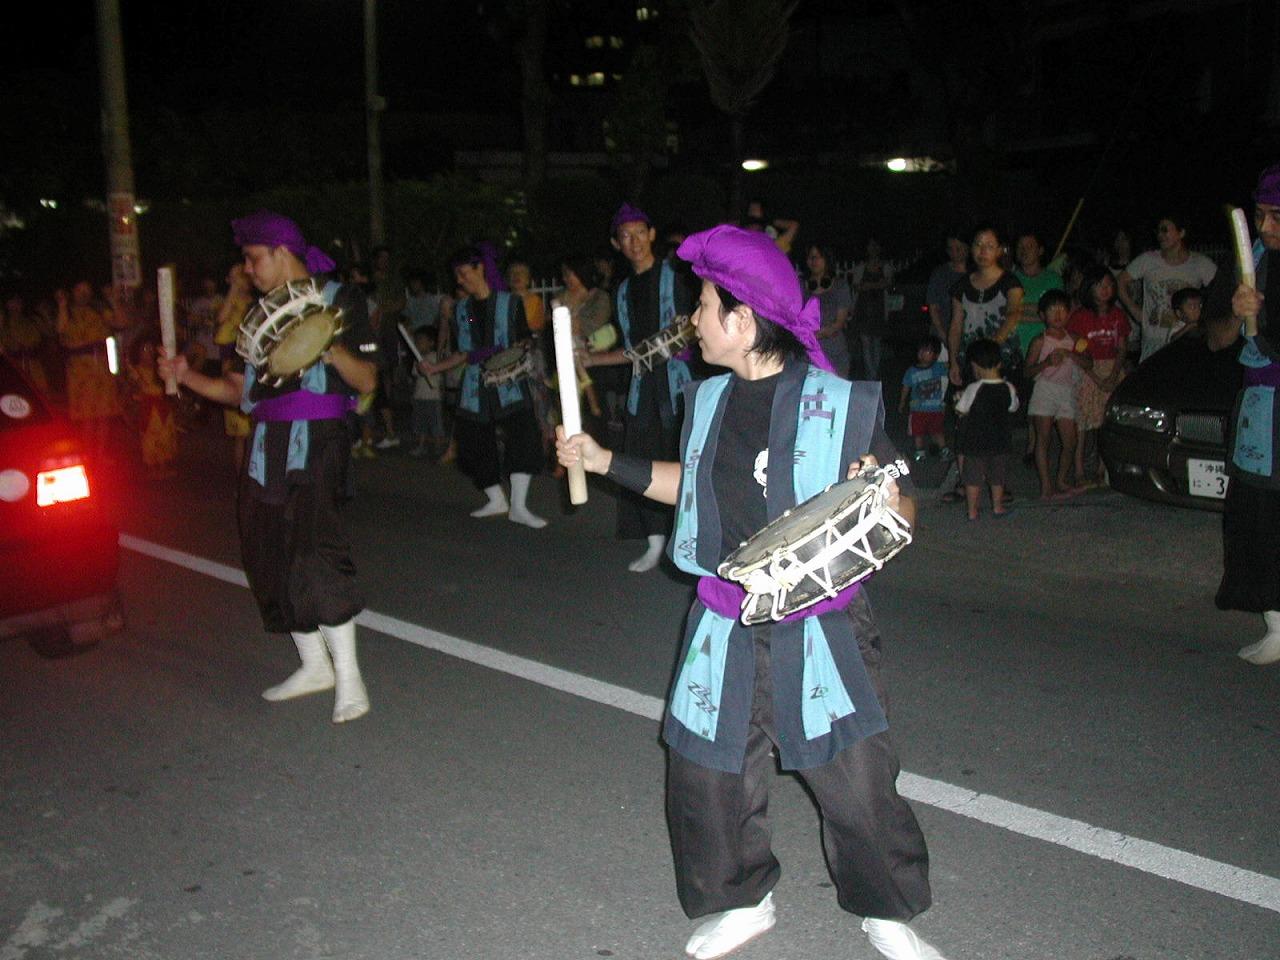 Epsn0090